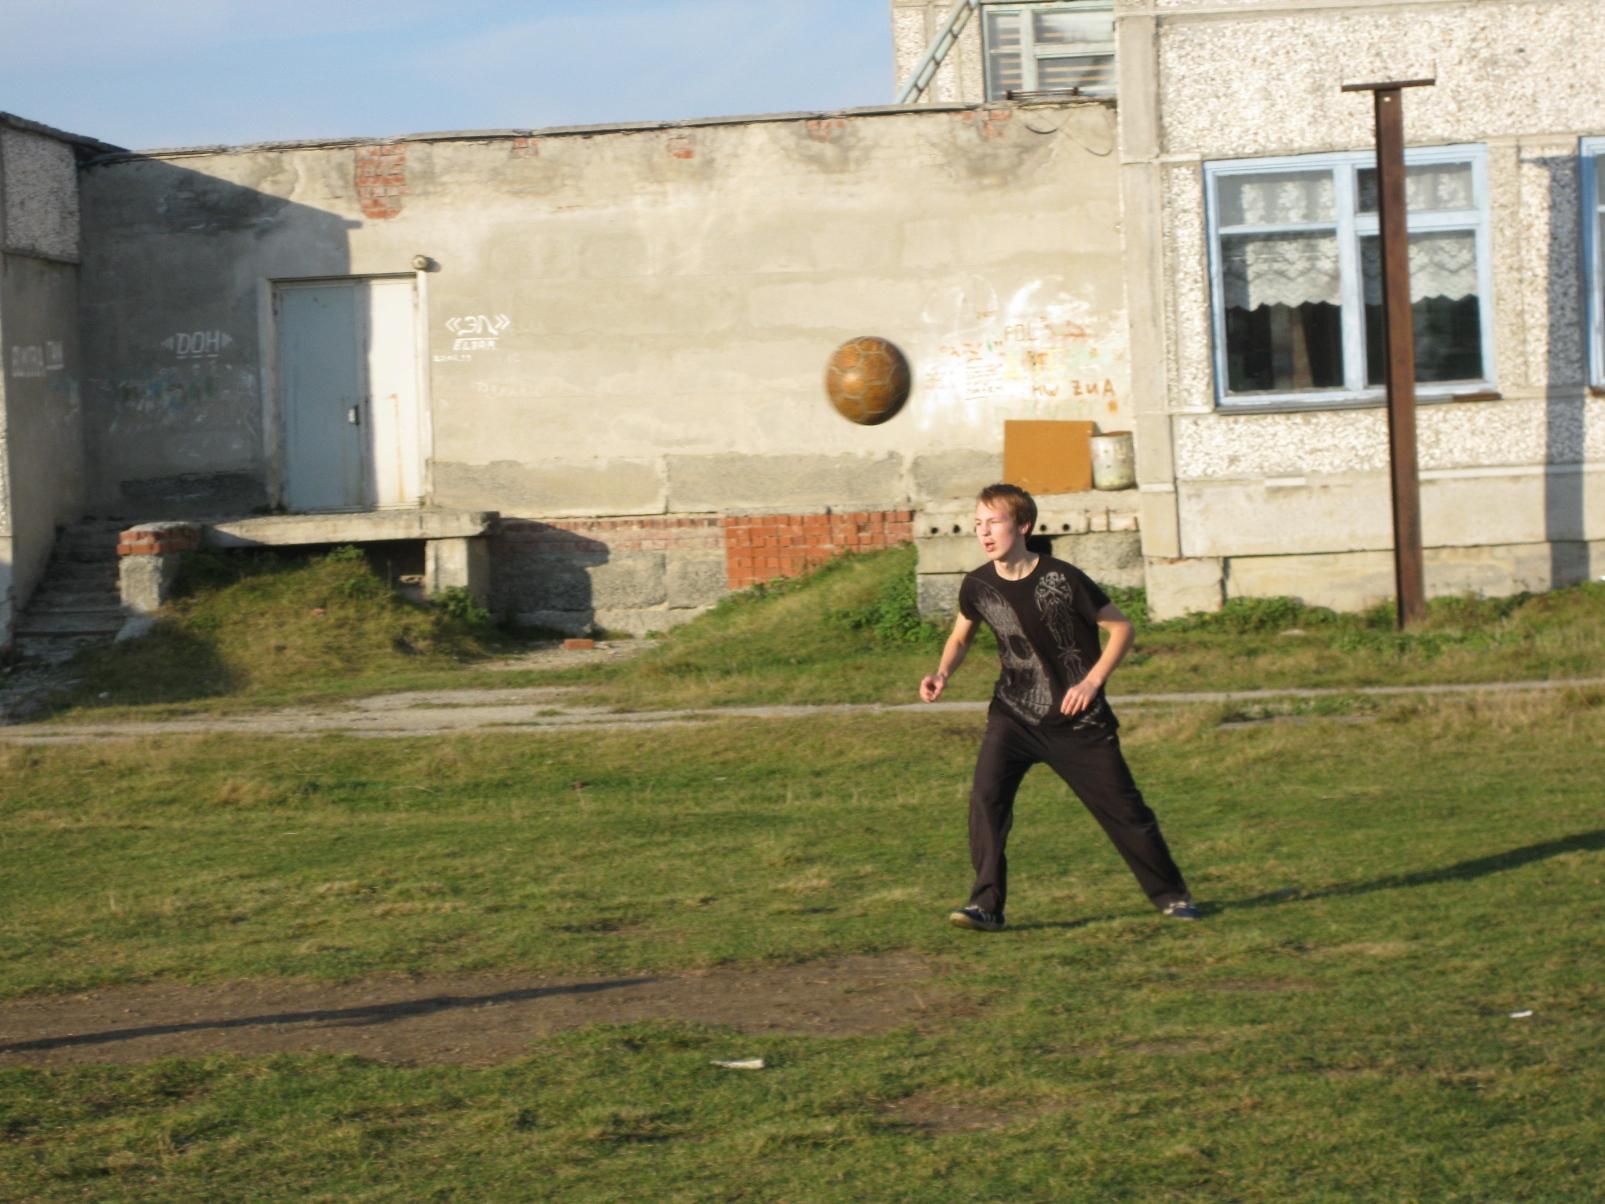 Футбольный матч между командами Васькинской и Накоряковской школ